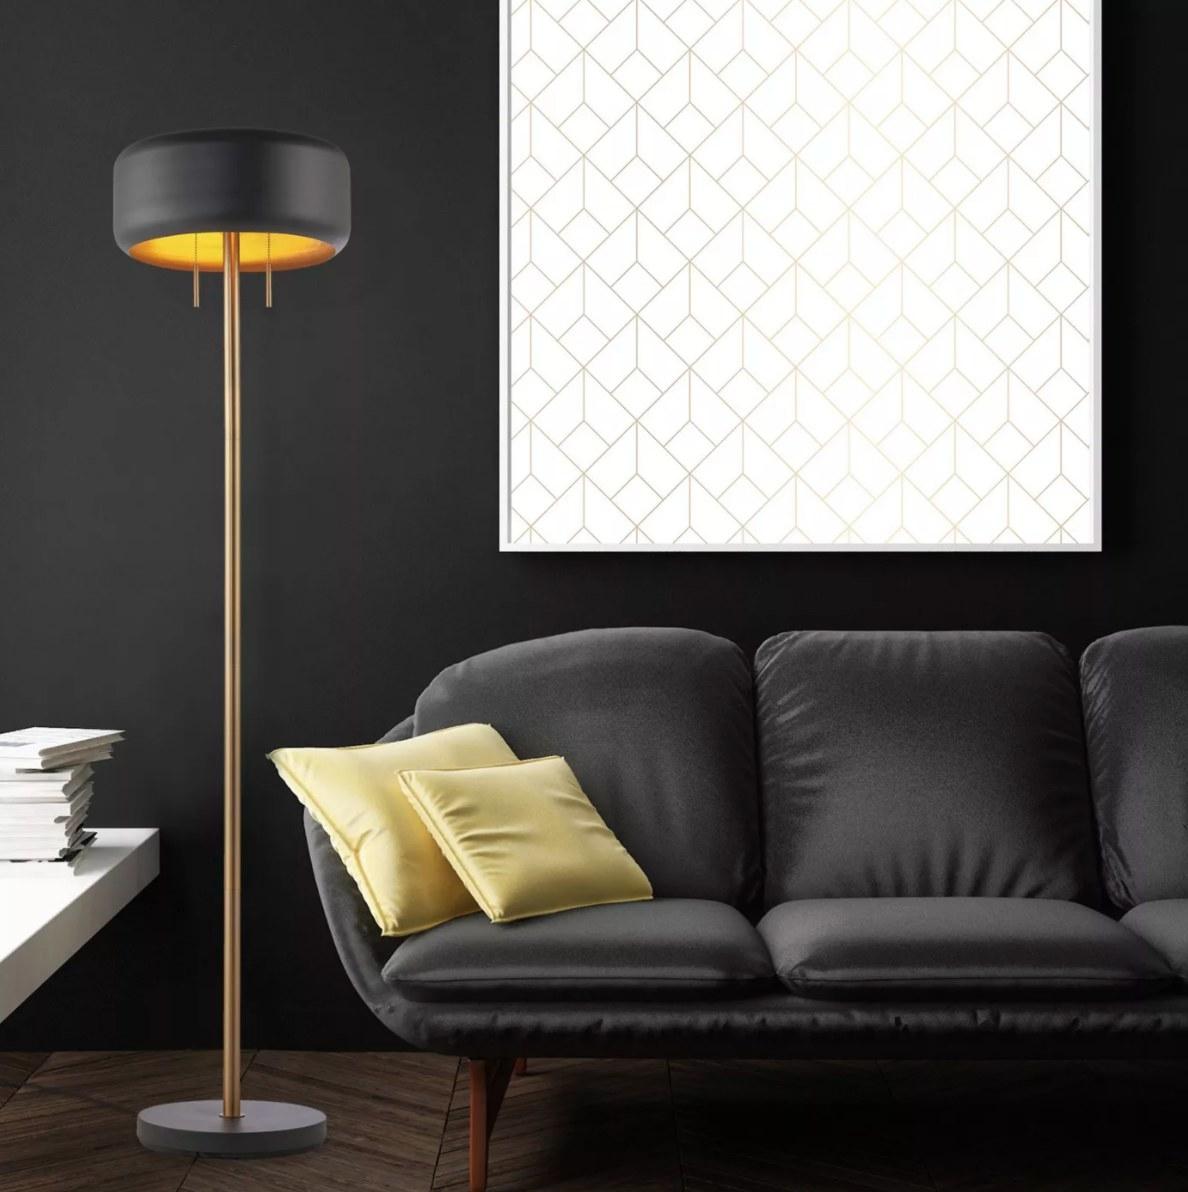 The metallic floor lamp in dark gray